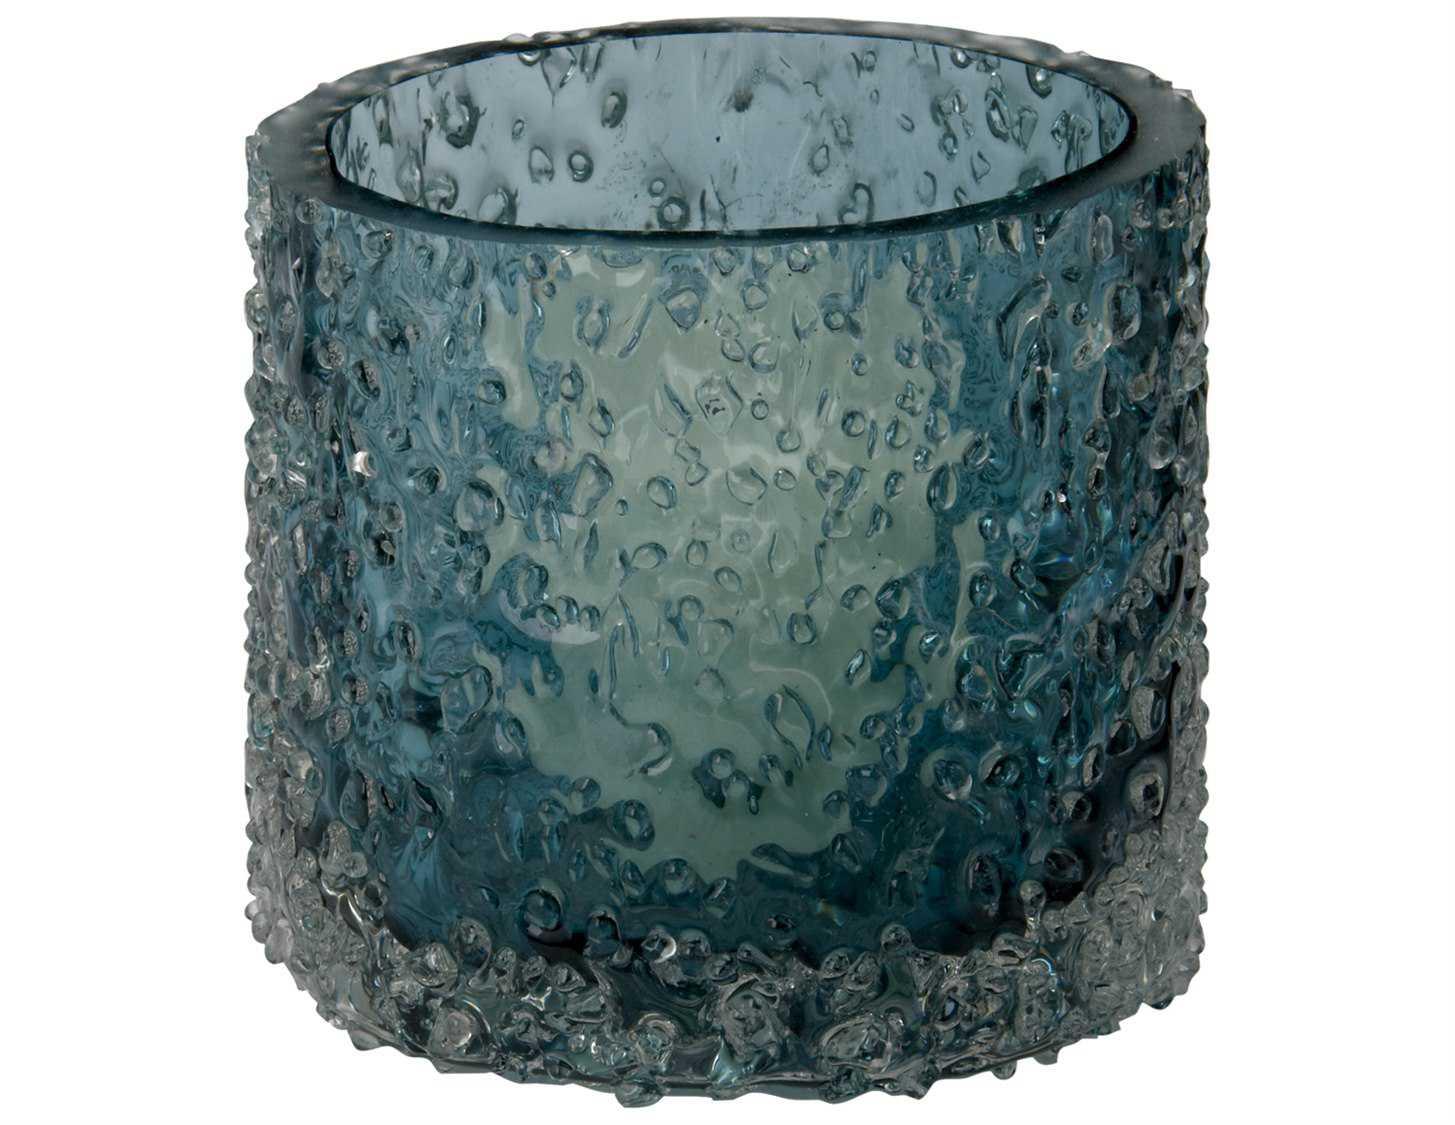 Himalayan Salt Lamp Benefits Livestrong : rock salt ls - 28 images - wils smoke house jar spiced smoked rock salt 200g, rock salt roast ...